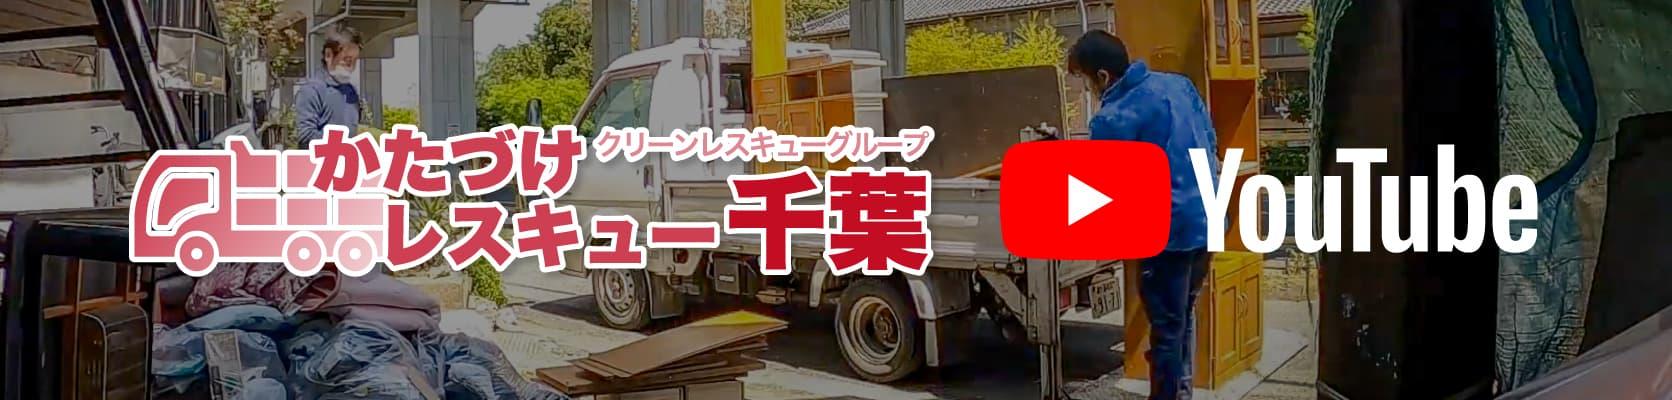 かたづけレスキュー千葉 Youtubeチャンネル